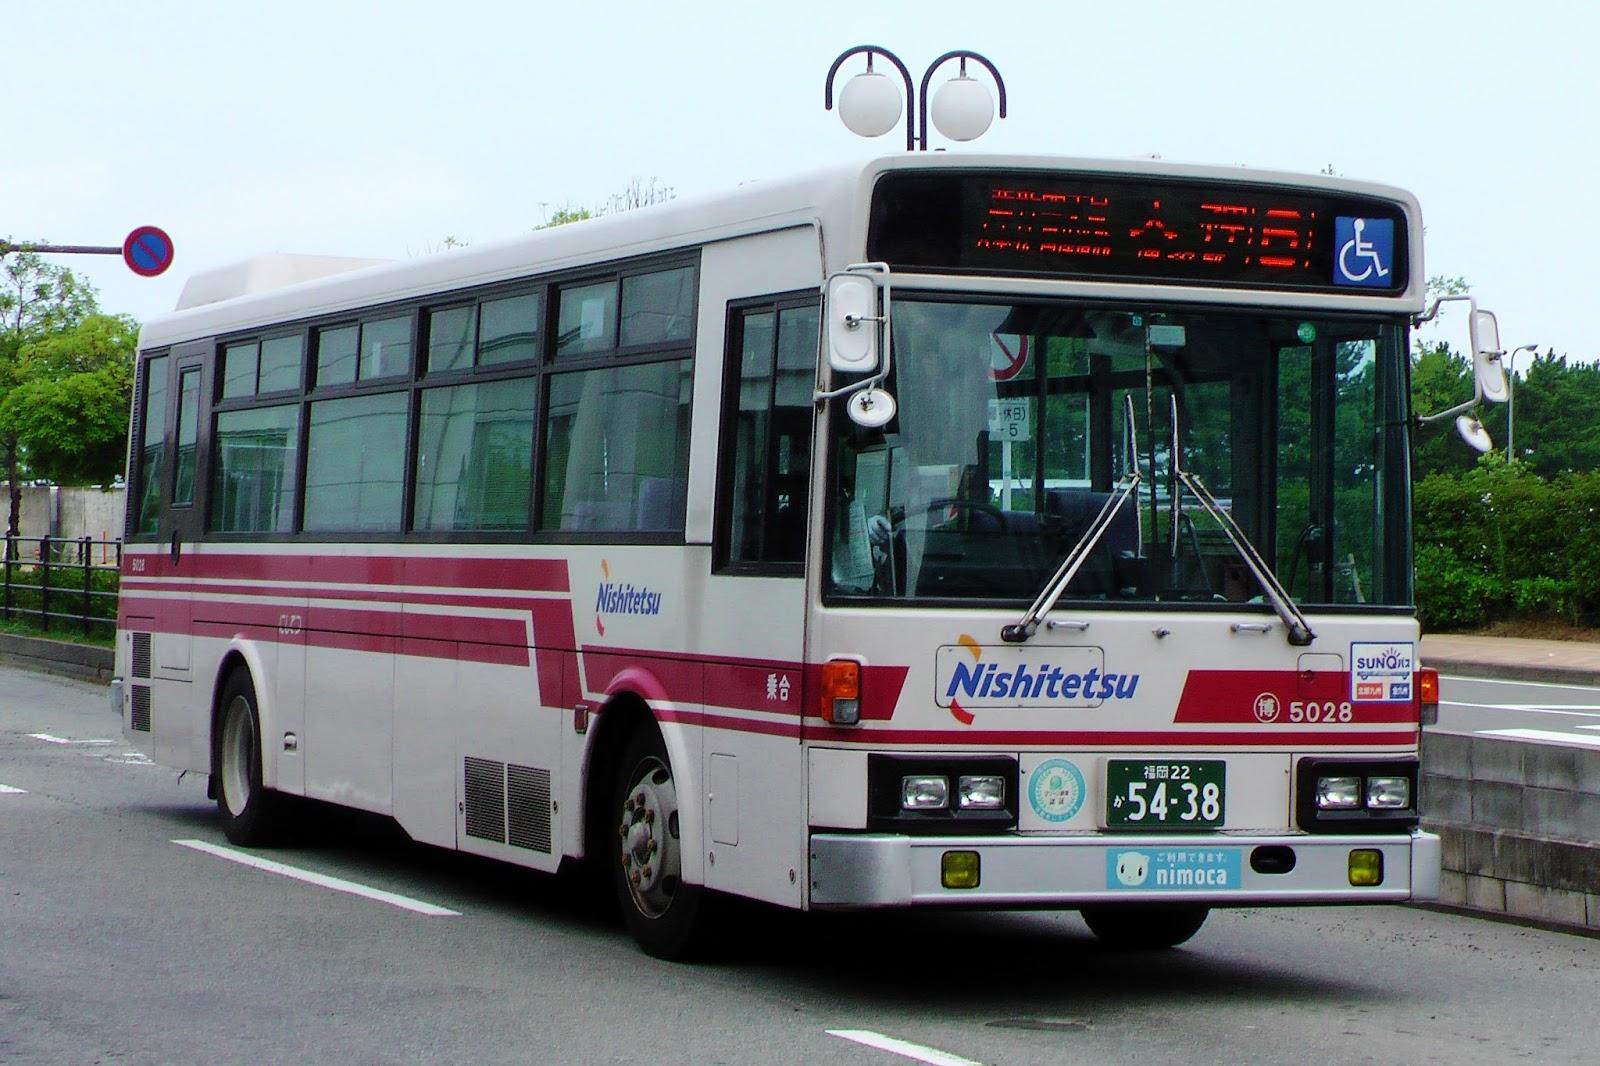 広島のバス: 西鉄バス 福岡22く5438